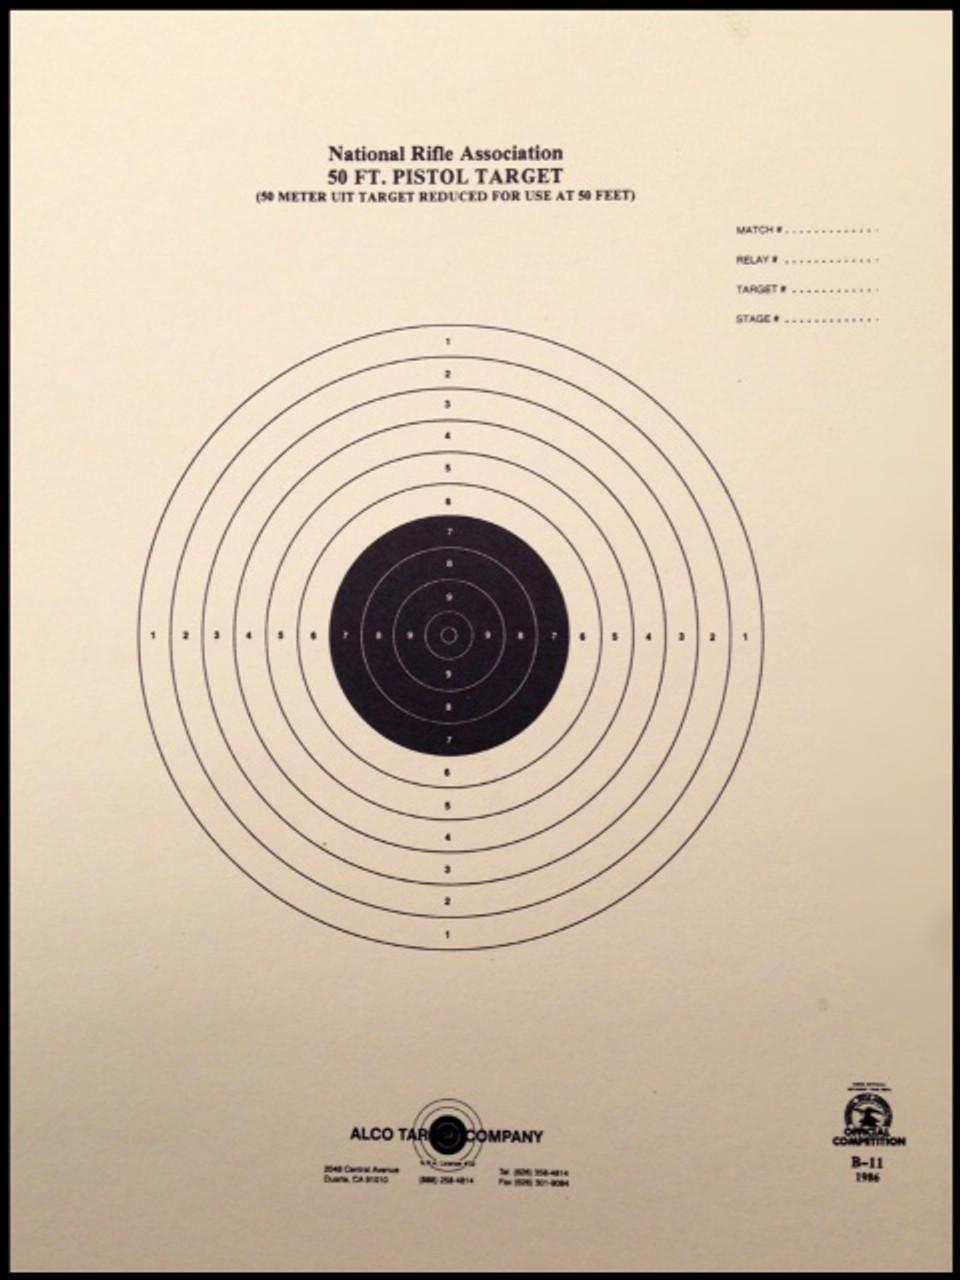 B-11 Shooting Target